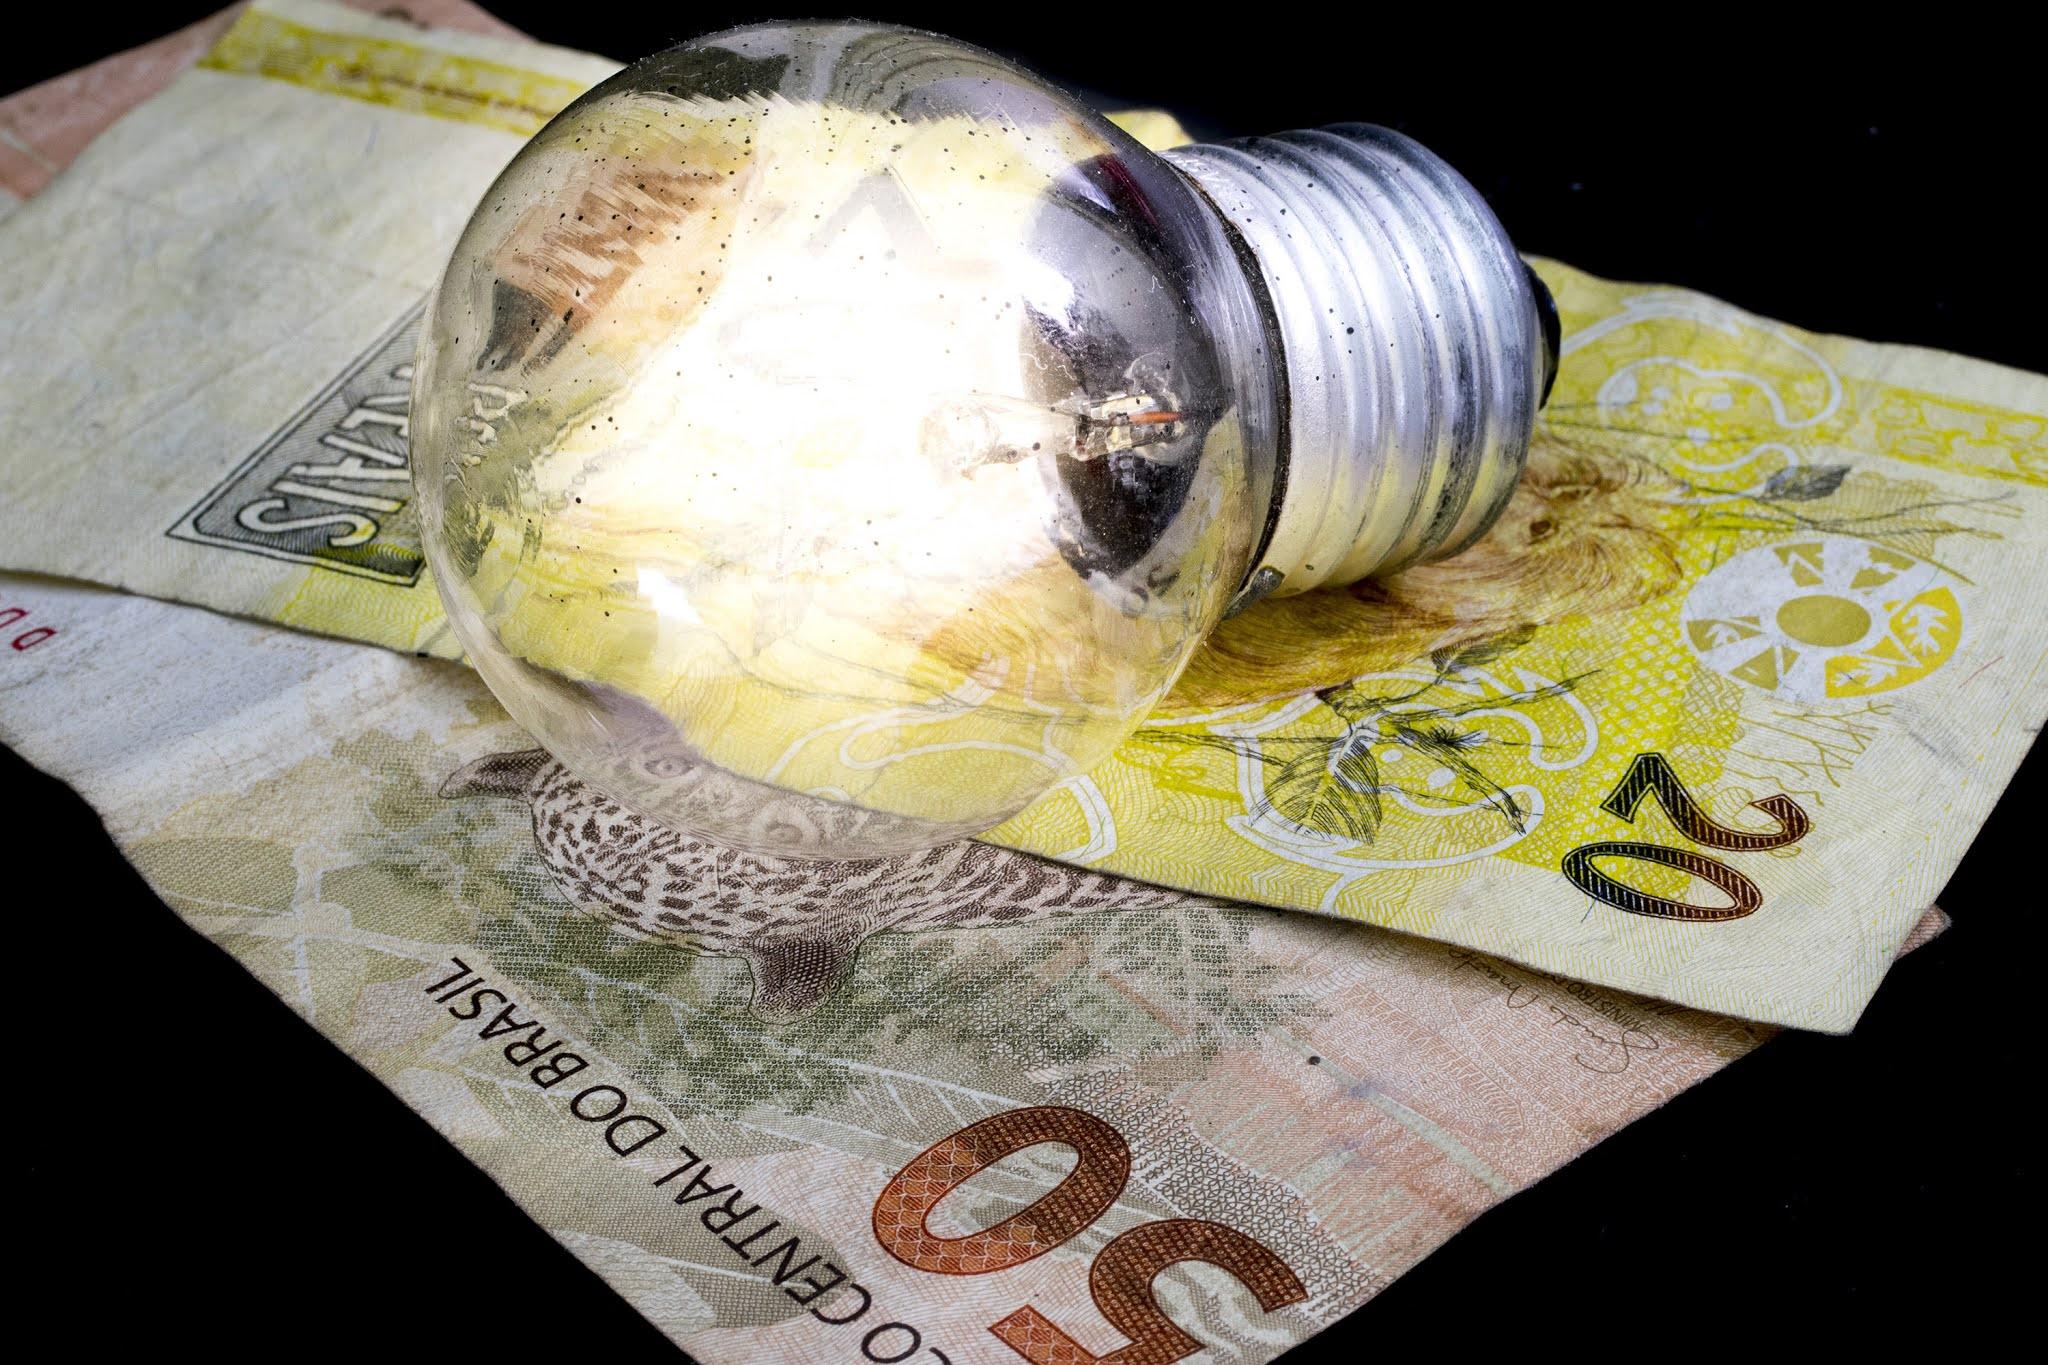 Conta de luz: Aneel reajusta valor da bandeira tarifária vermelha 2 em 52%